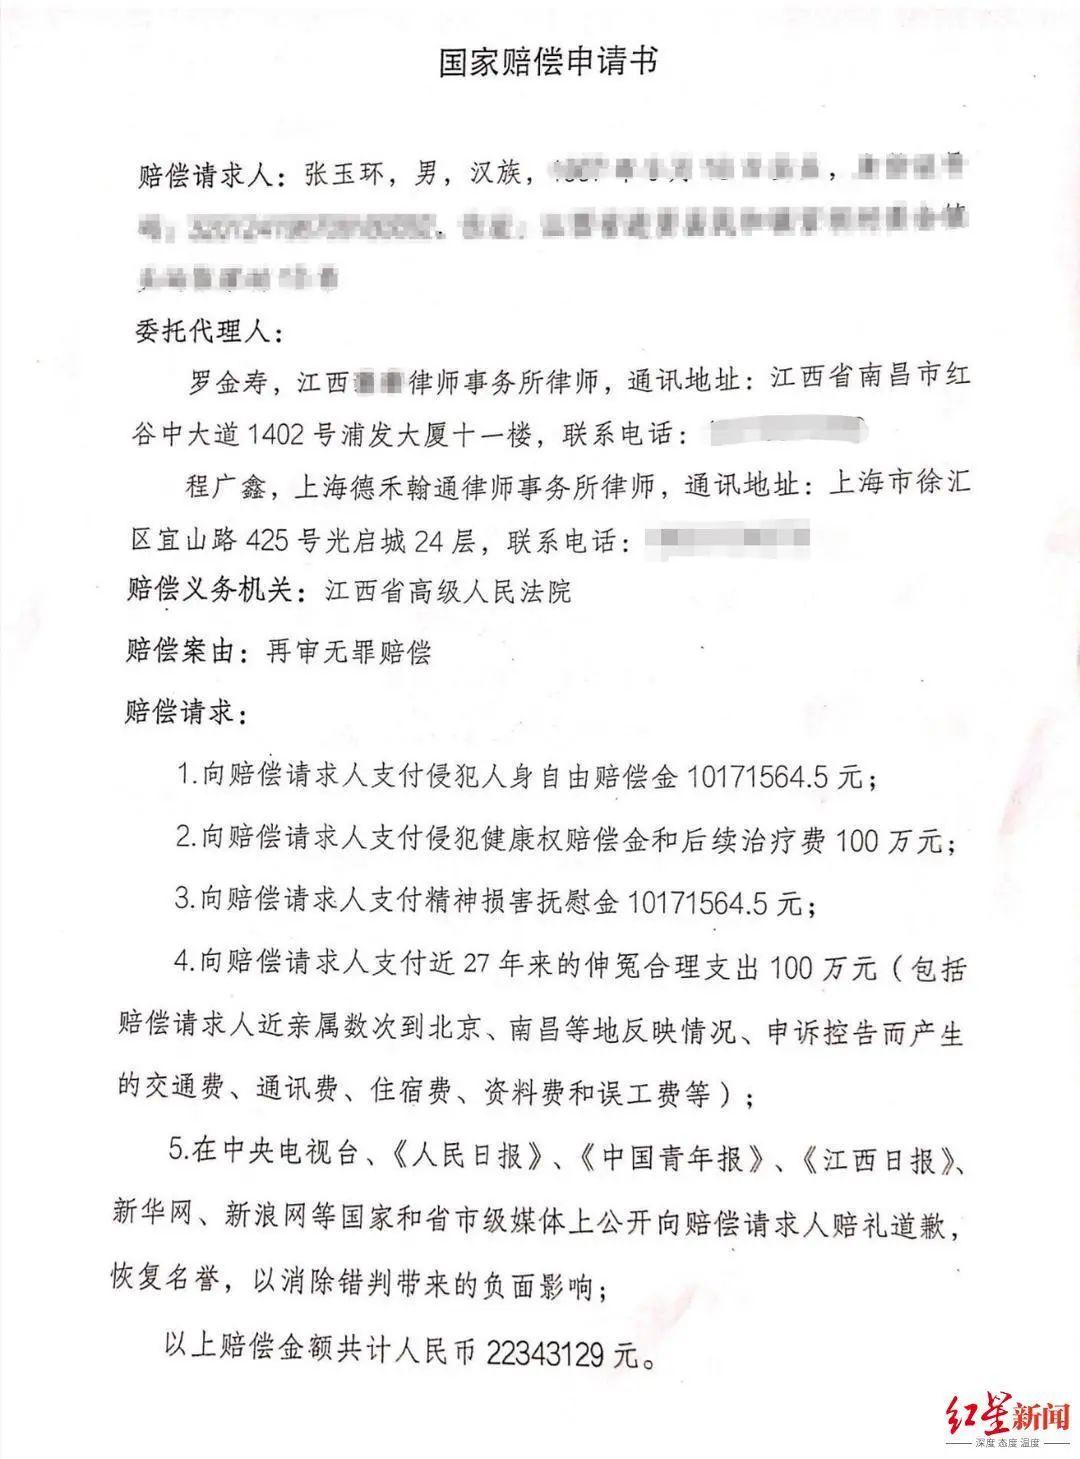 △图为张玉环《国家赔偿申请书》图片来源:红星新闻